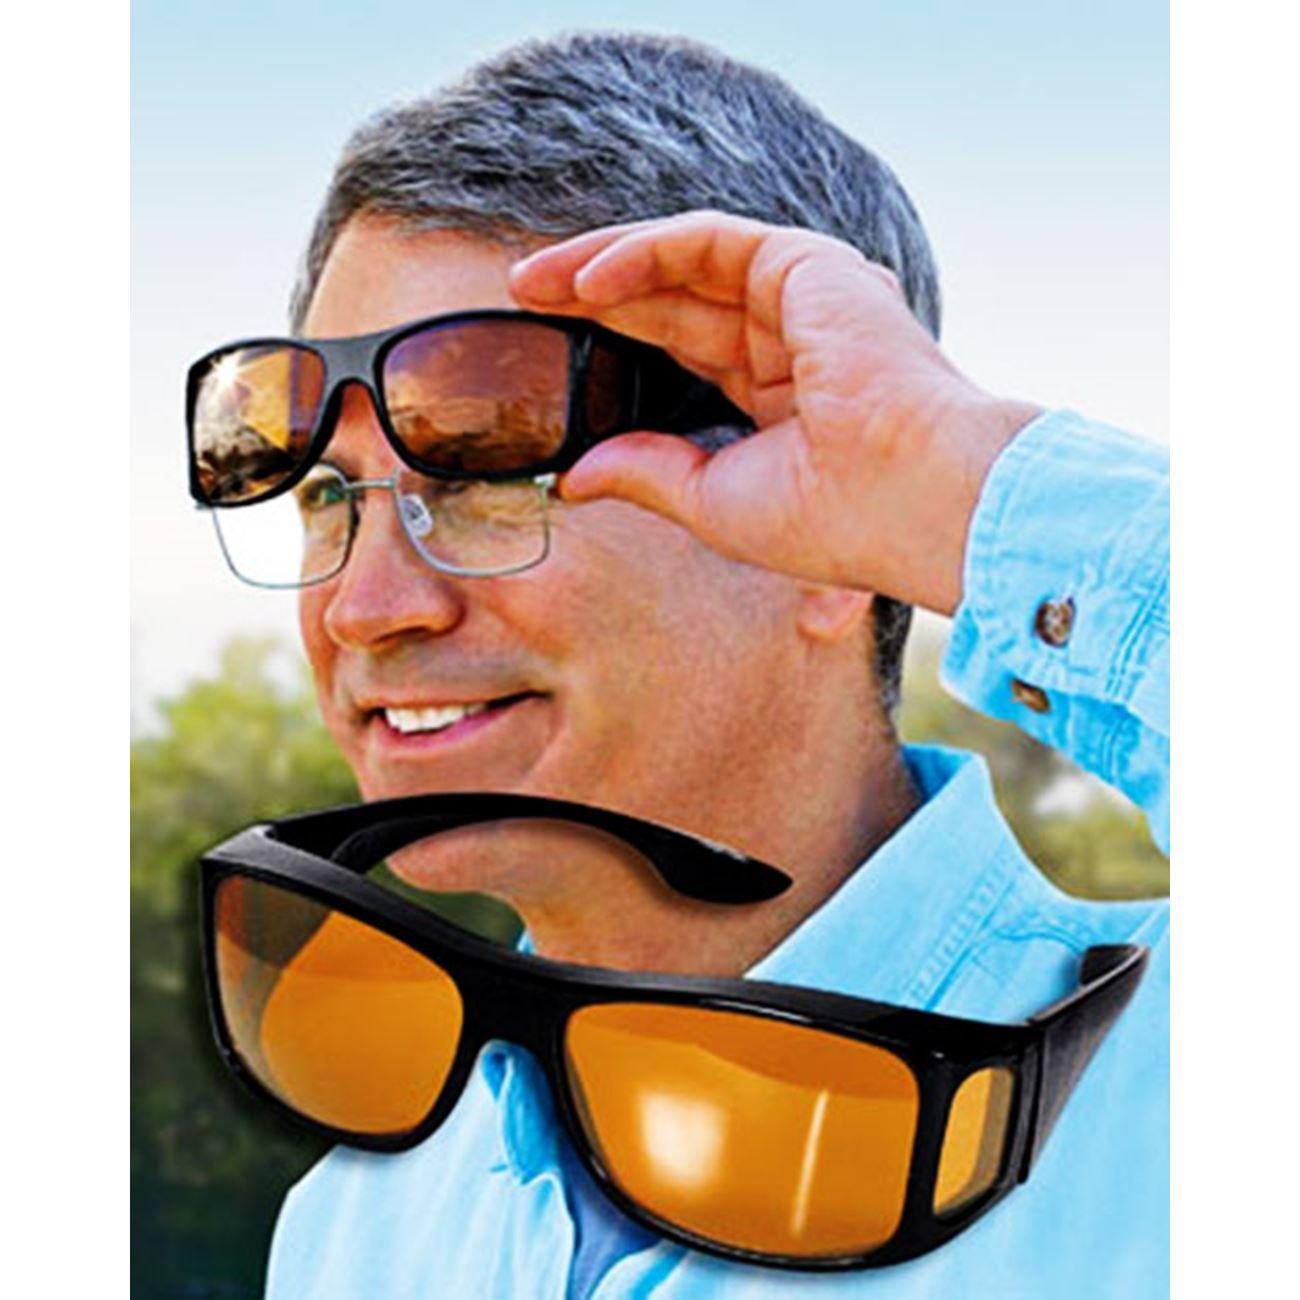 Γυαλιά ηλίου απορροφητικά HD Vision unisex + Γυαλιά νυχτερινής οδήγησης  (σετ 2 τεμαχίων) - Φοριούνται και πάνω απο τα μυωπίας  ΠΡΟΣΦΟΡΑ ΕΒΔΟΜΑΔΟΣ     Γυαλιά 8833ebbe40e